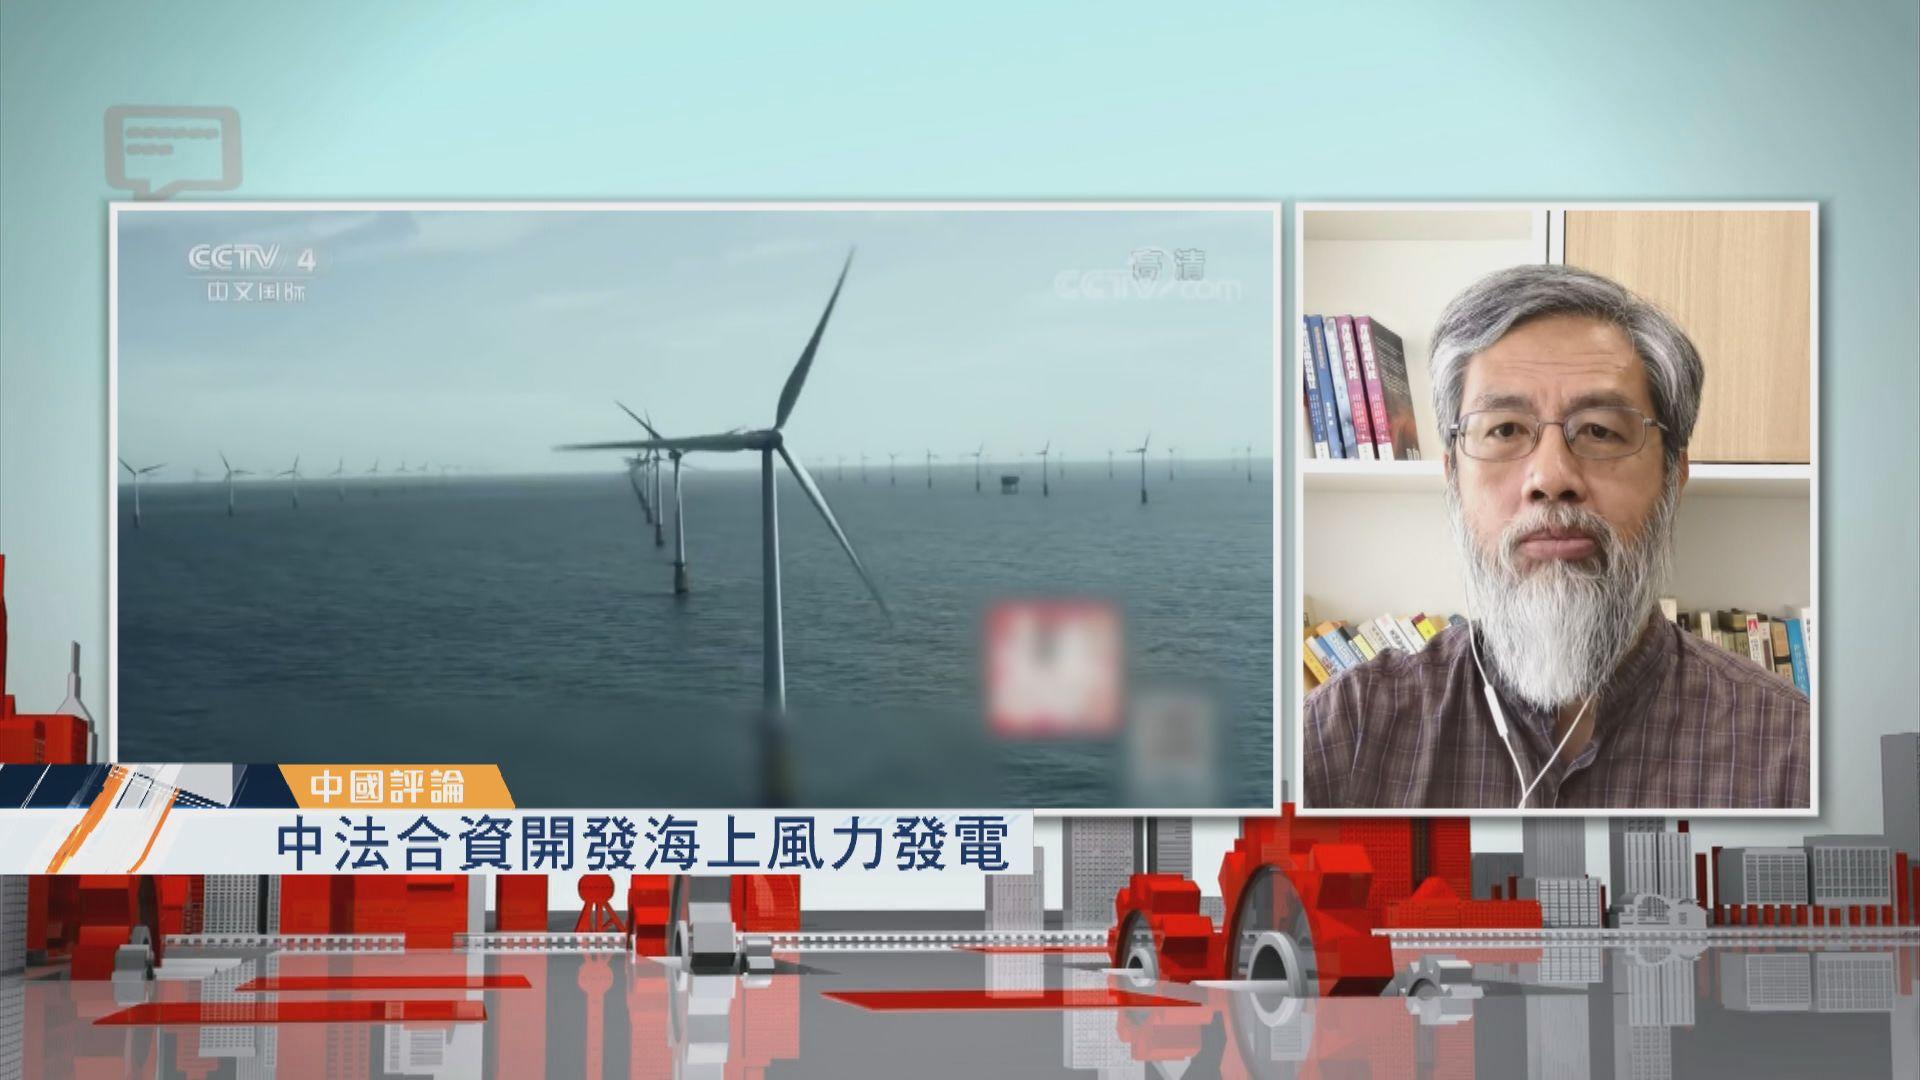 【中國評論】中法合資開發海上風力發電